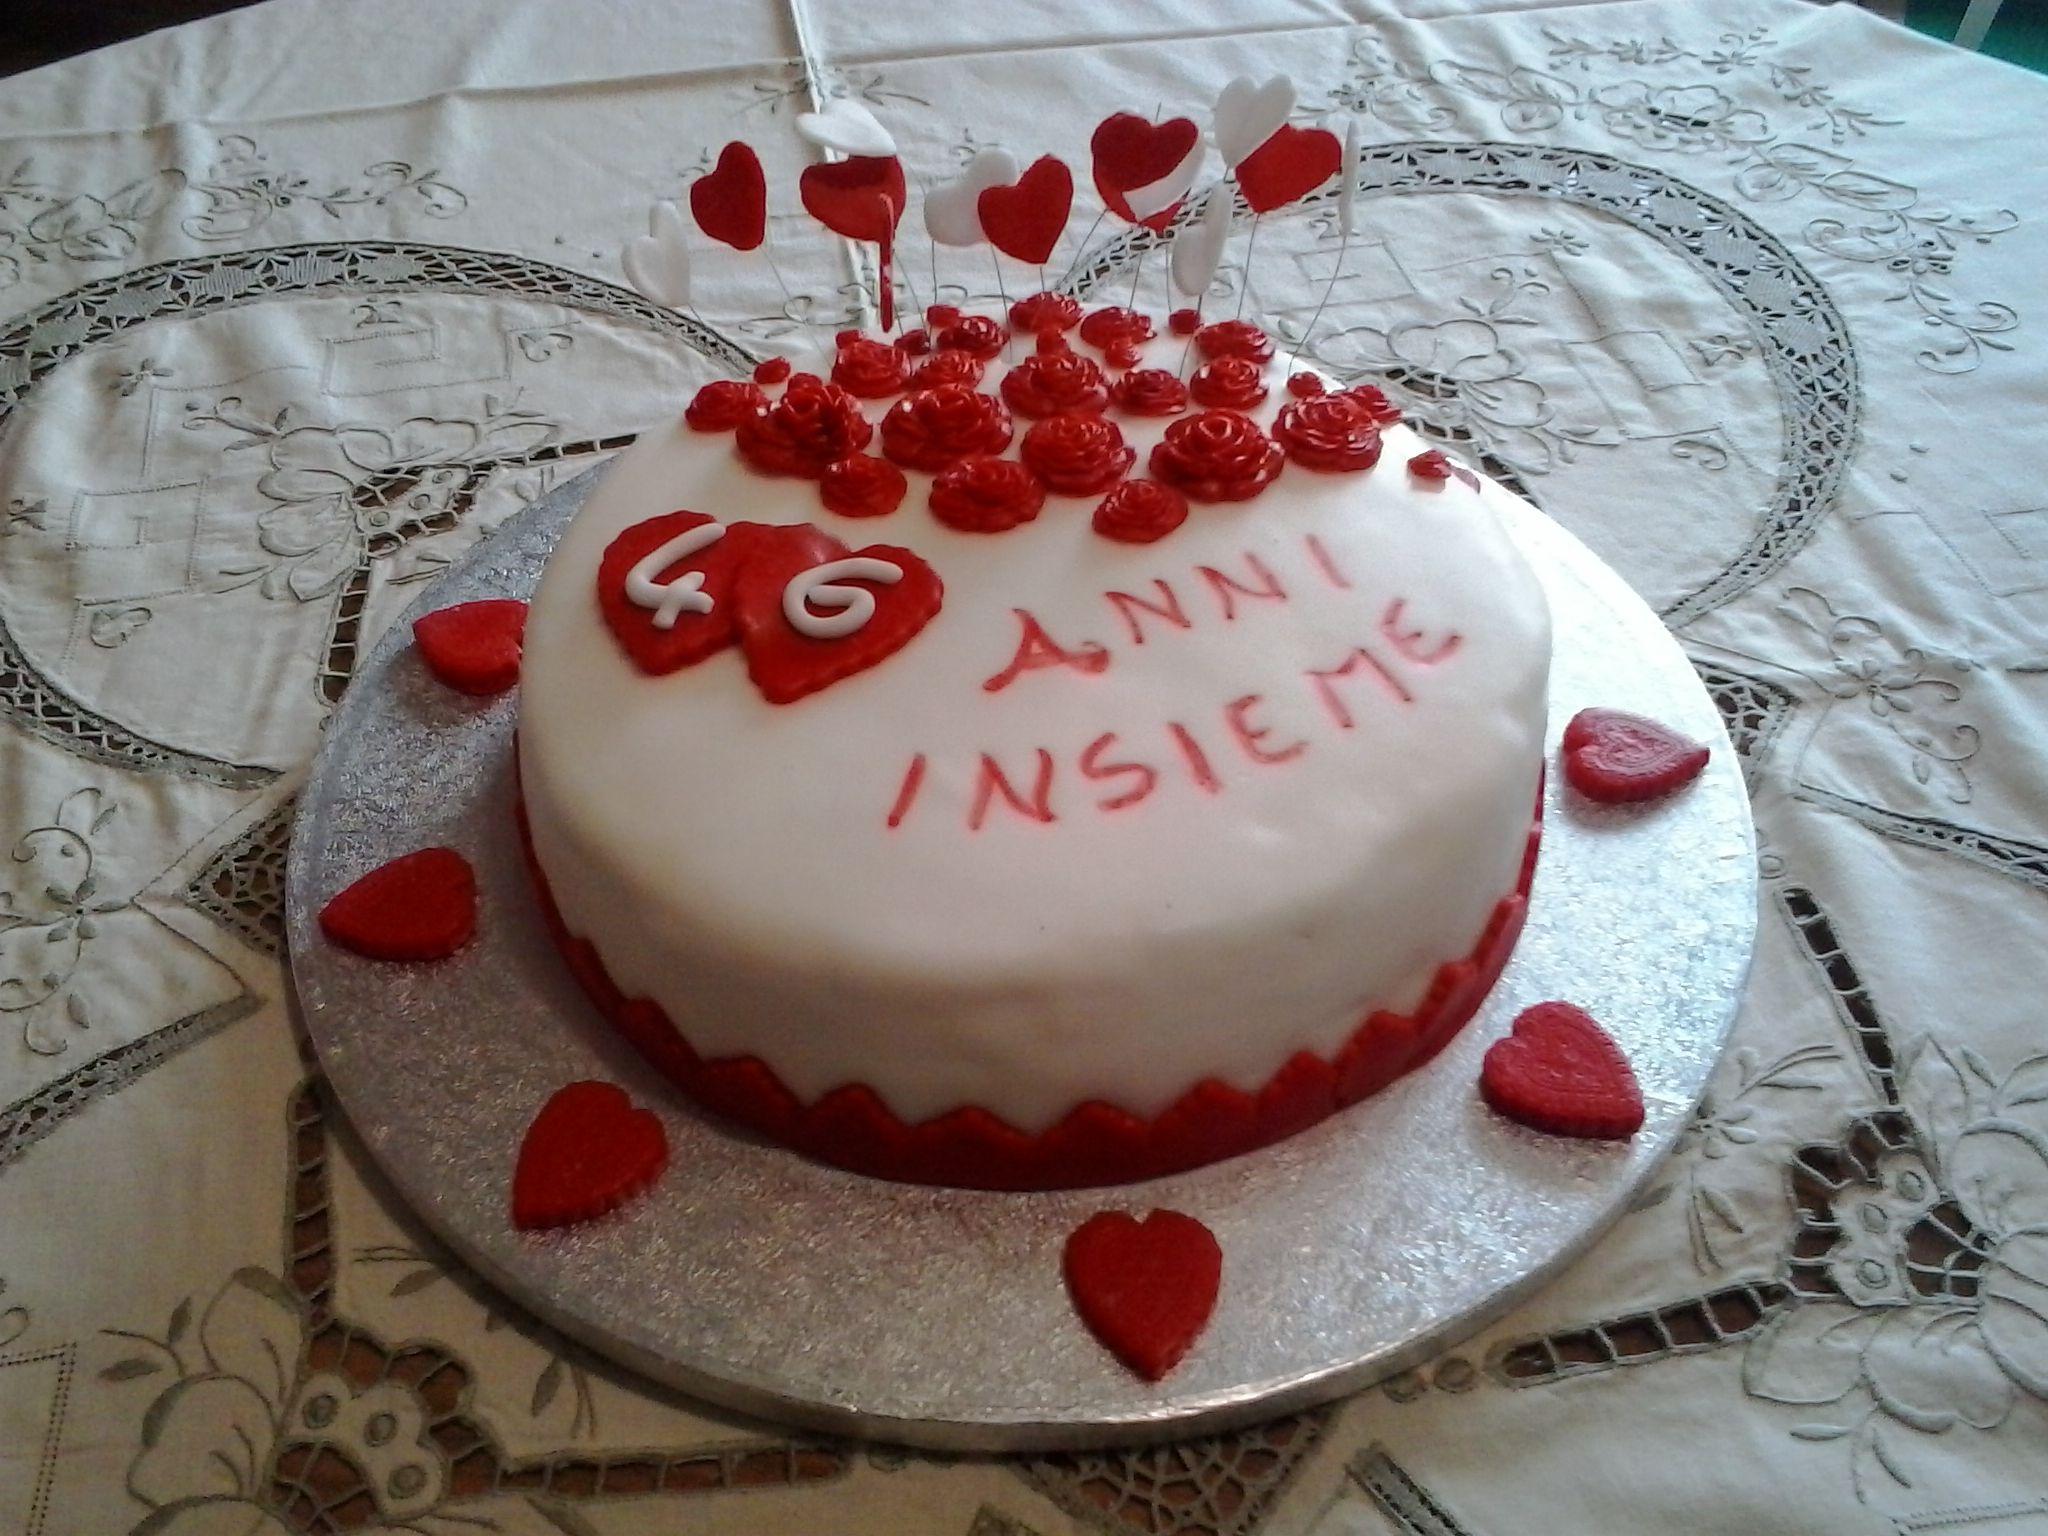 Anniversario Di Matrimonio 46 Anni.Torta 46 Anniversario Di Matrimonio